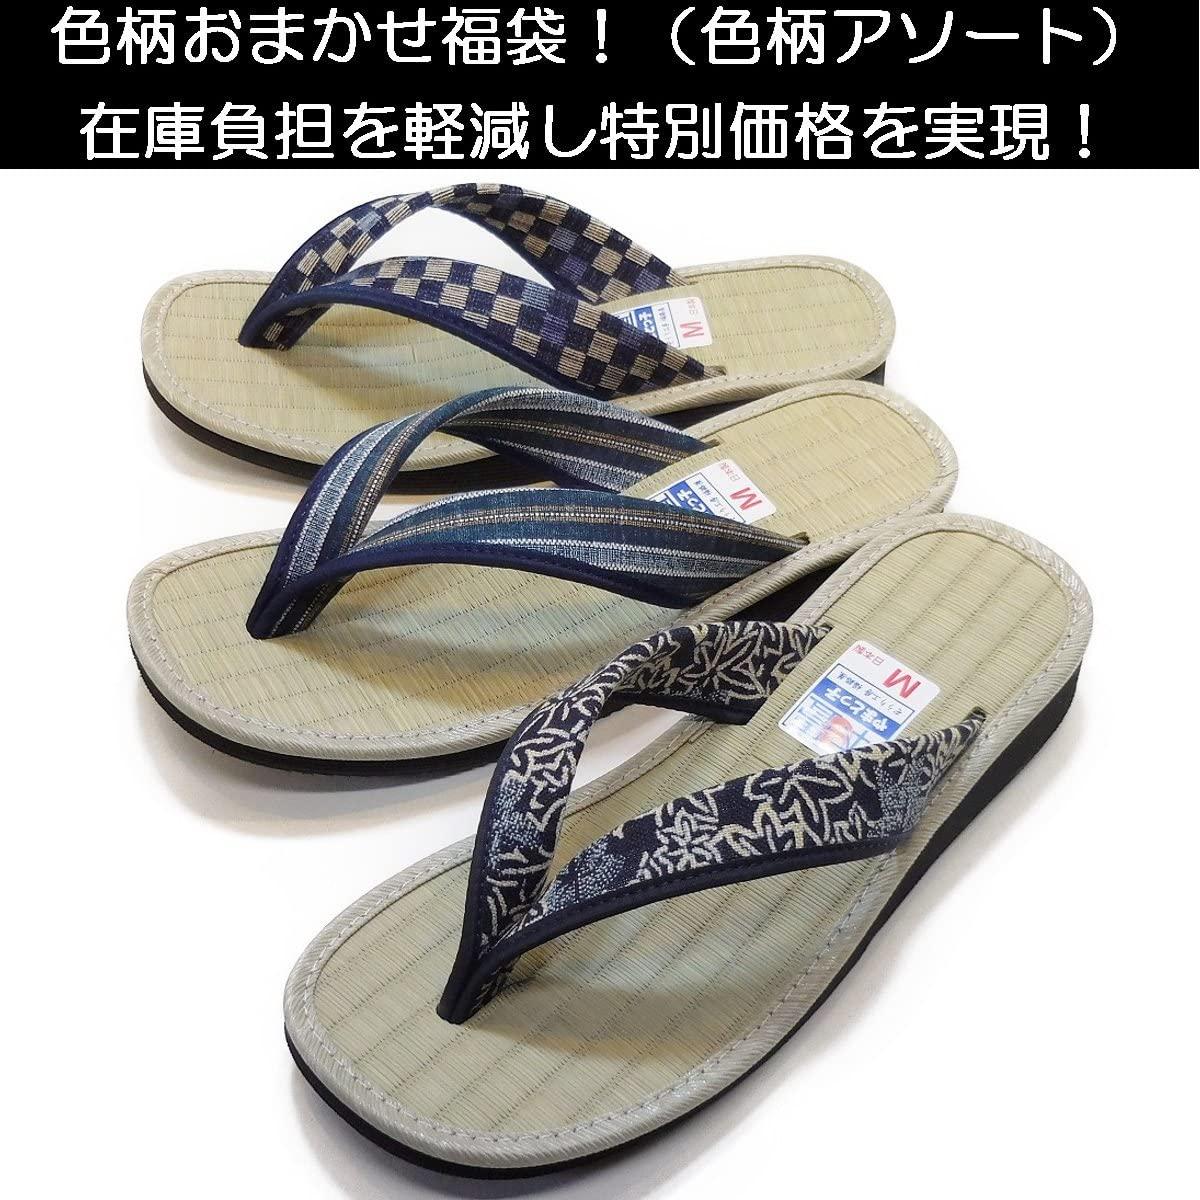 やまとっ子(ヤマトッコ)本畳ぞうり 男性用の商品画像4